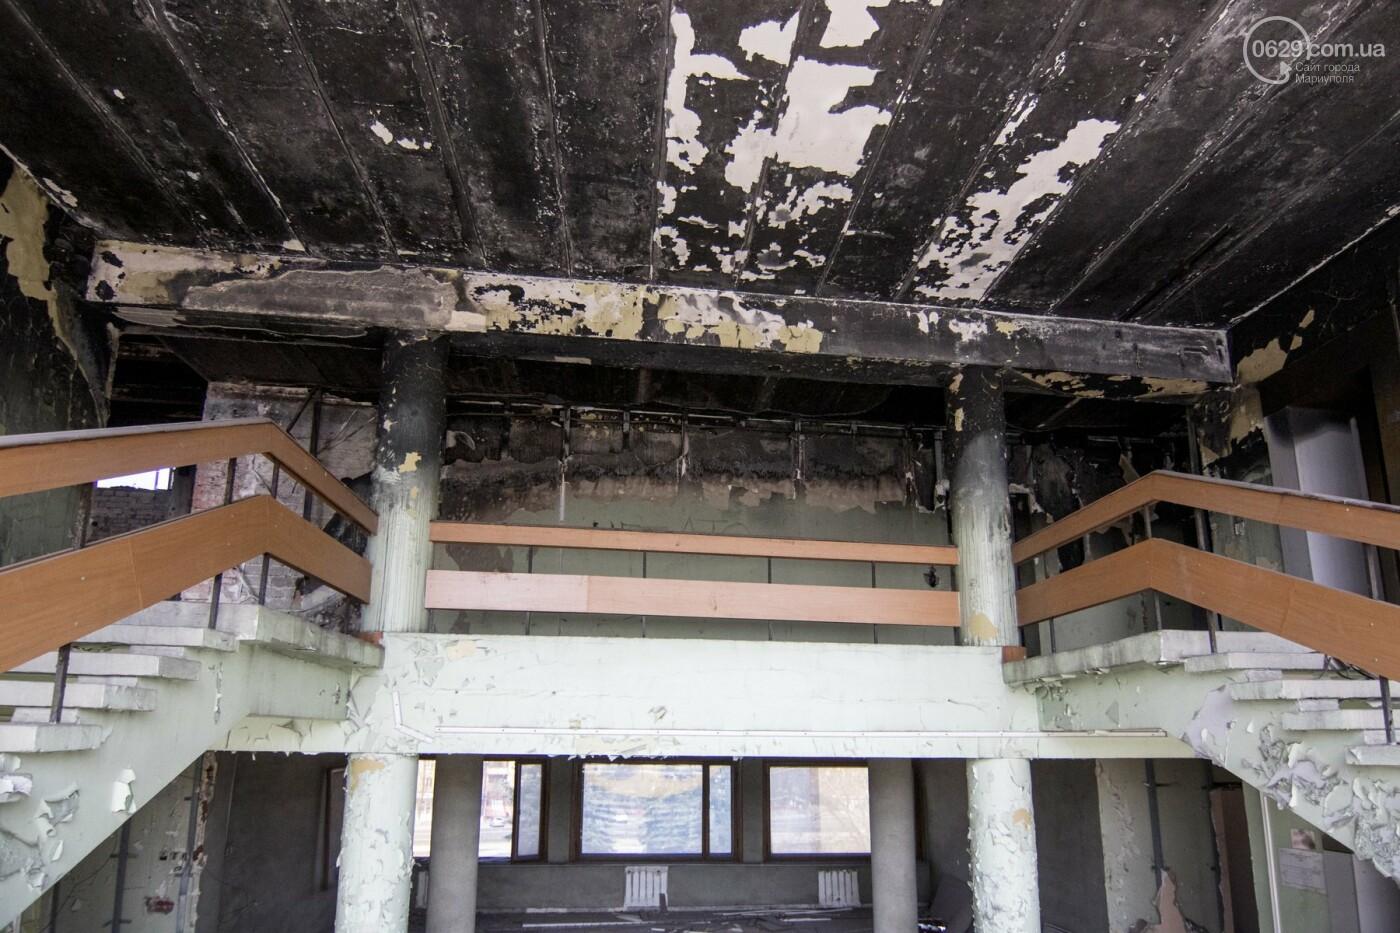 В Мариуполе не могут найти подрядчика для реконструкции сгоревшего горсовета, - ФОТО, фото-6